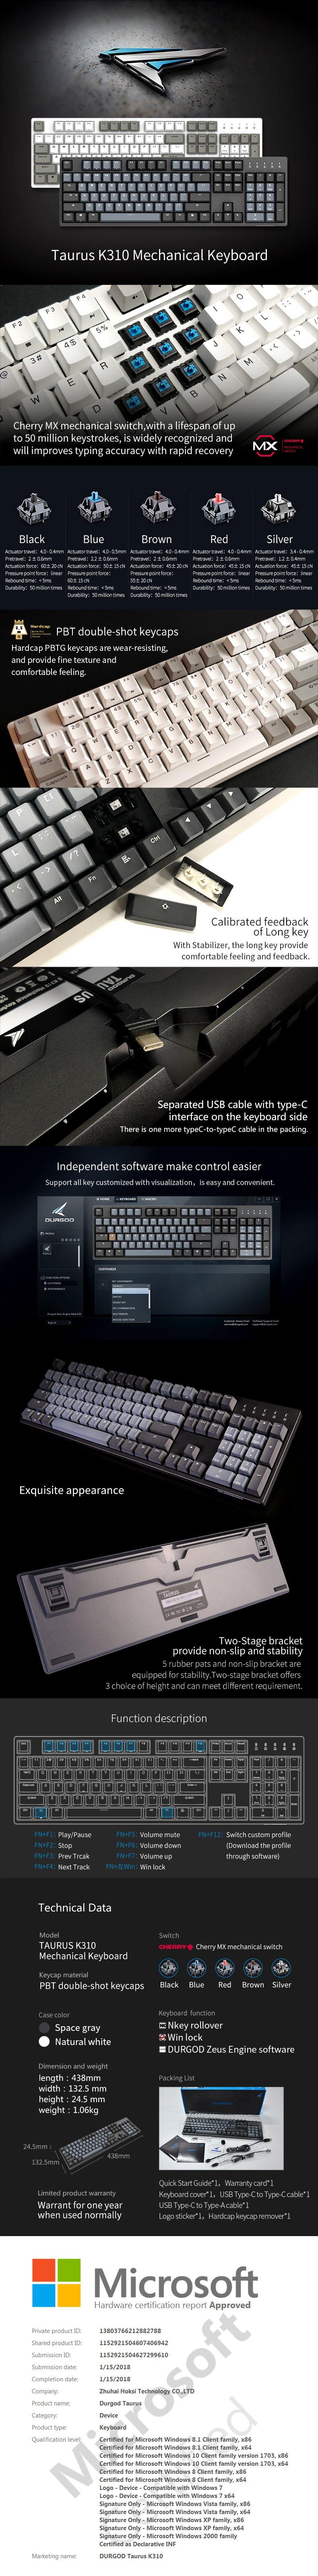 Durgod Taurus K310 Keyboard CherryMX Switch Features